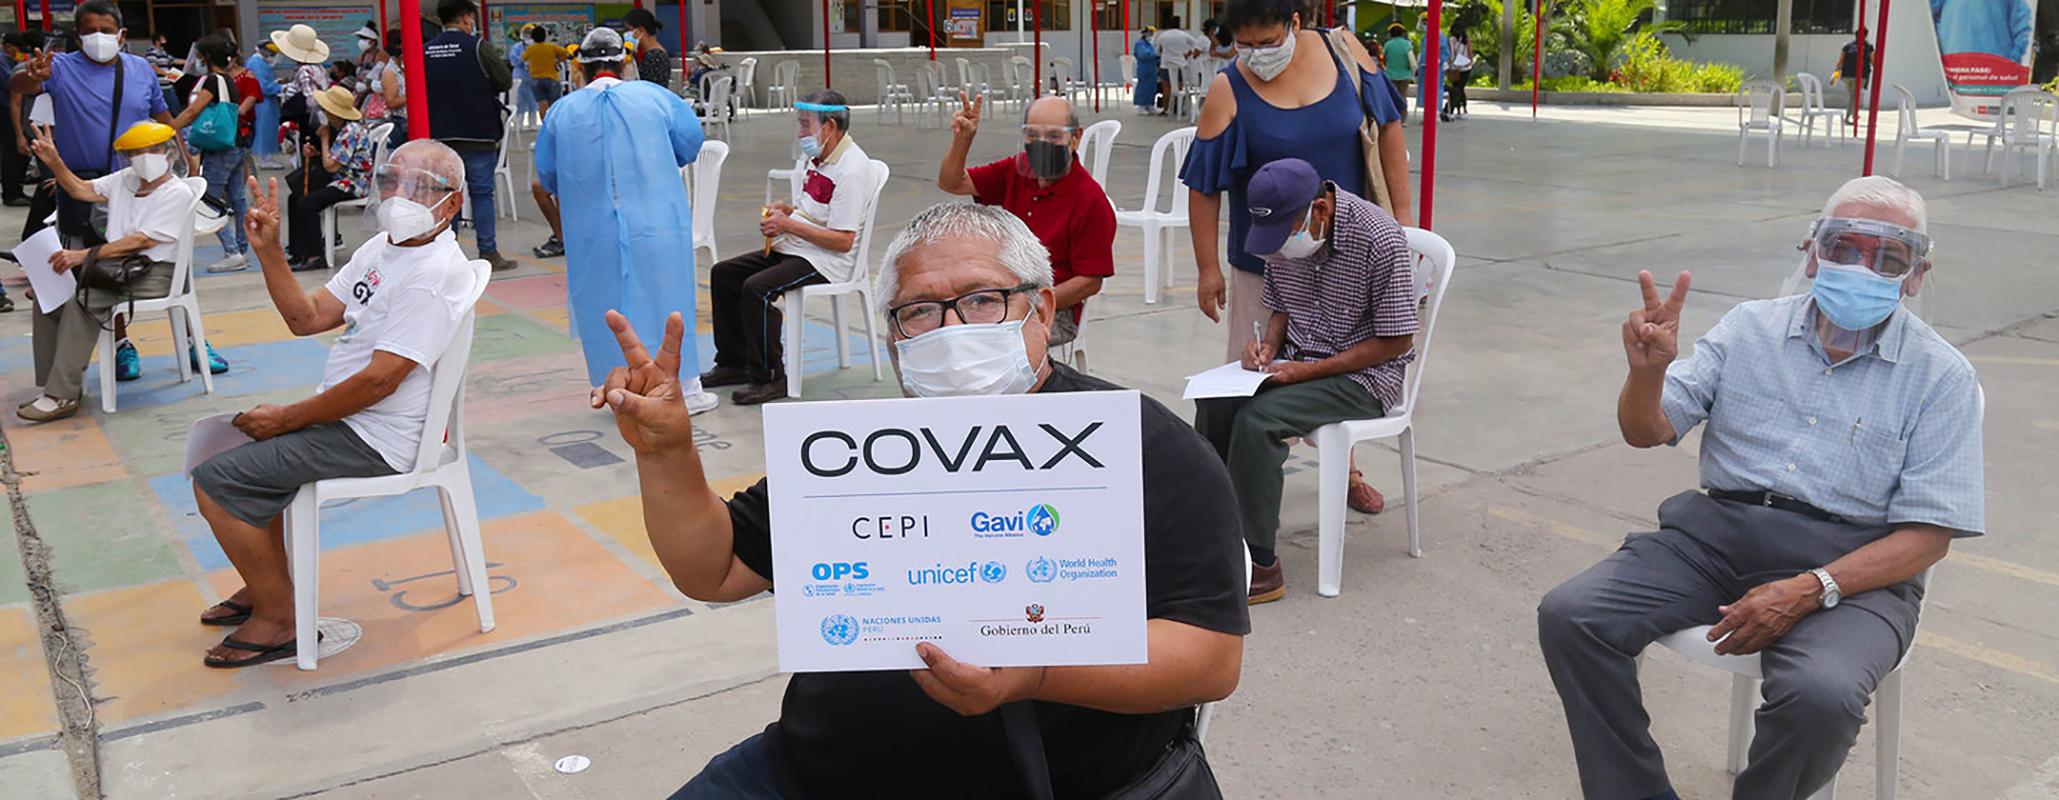 Տարեցները Պերուի առաջին բնակիչներից են, ովքեր ստացել են ՔՈՎԻԴ-19-ի պատվաստանյութեր՝ Լիմայում գտնվող պատվաստման վայրում: